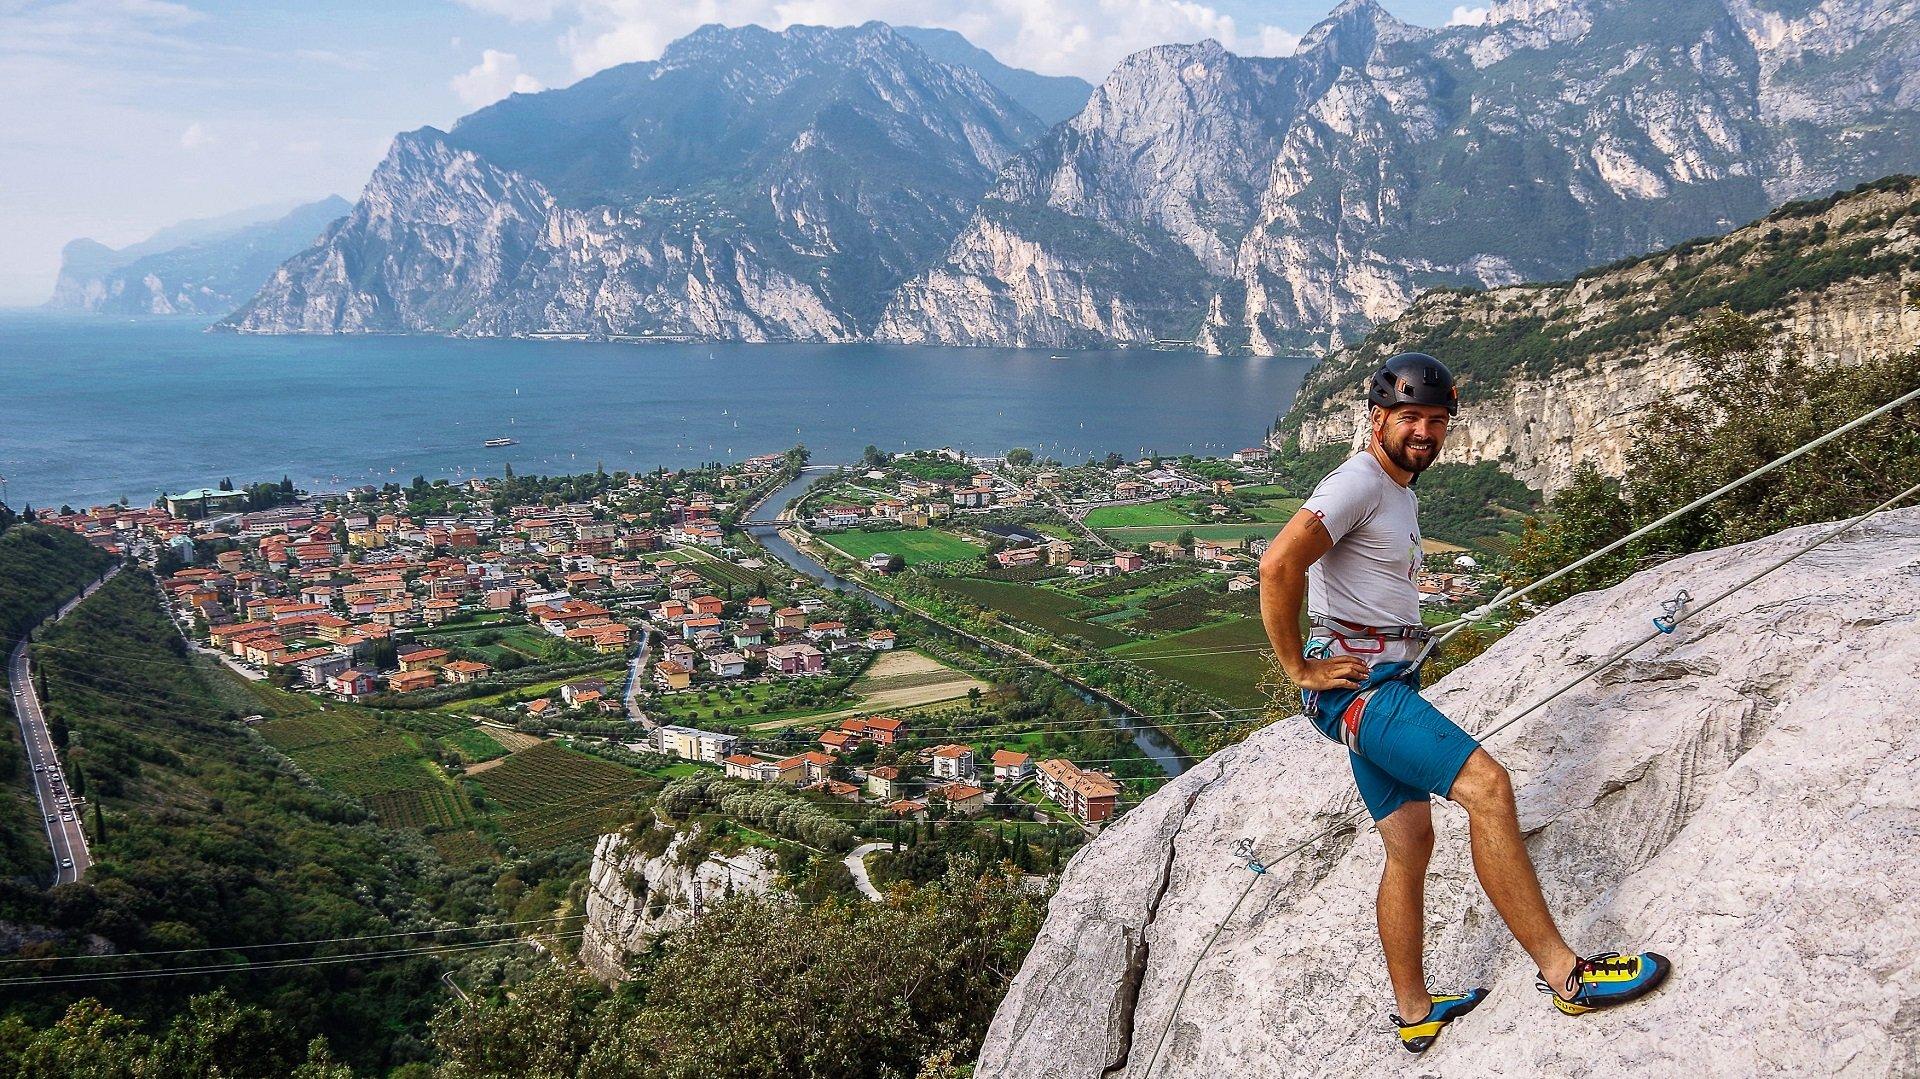 Włochy - wspinanie w rejonie Belvedere